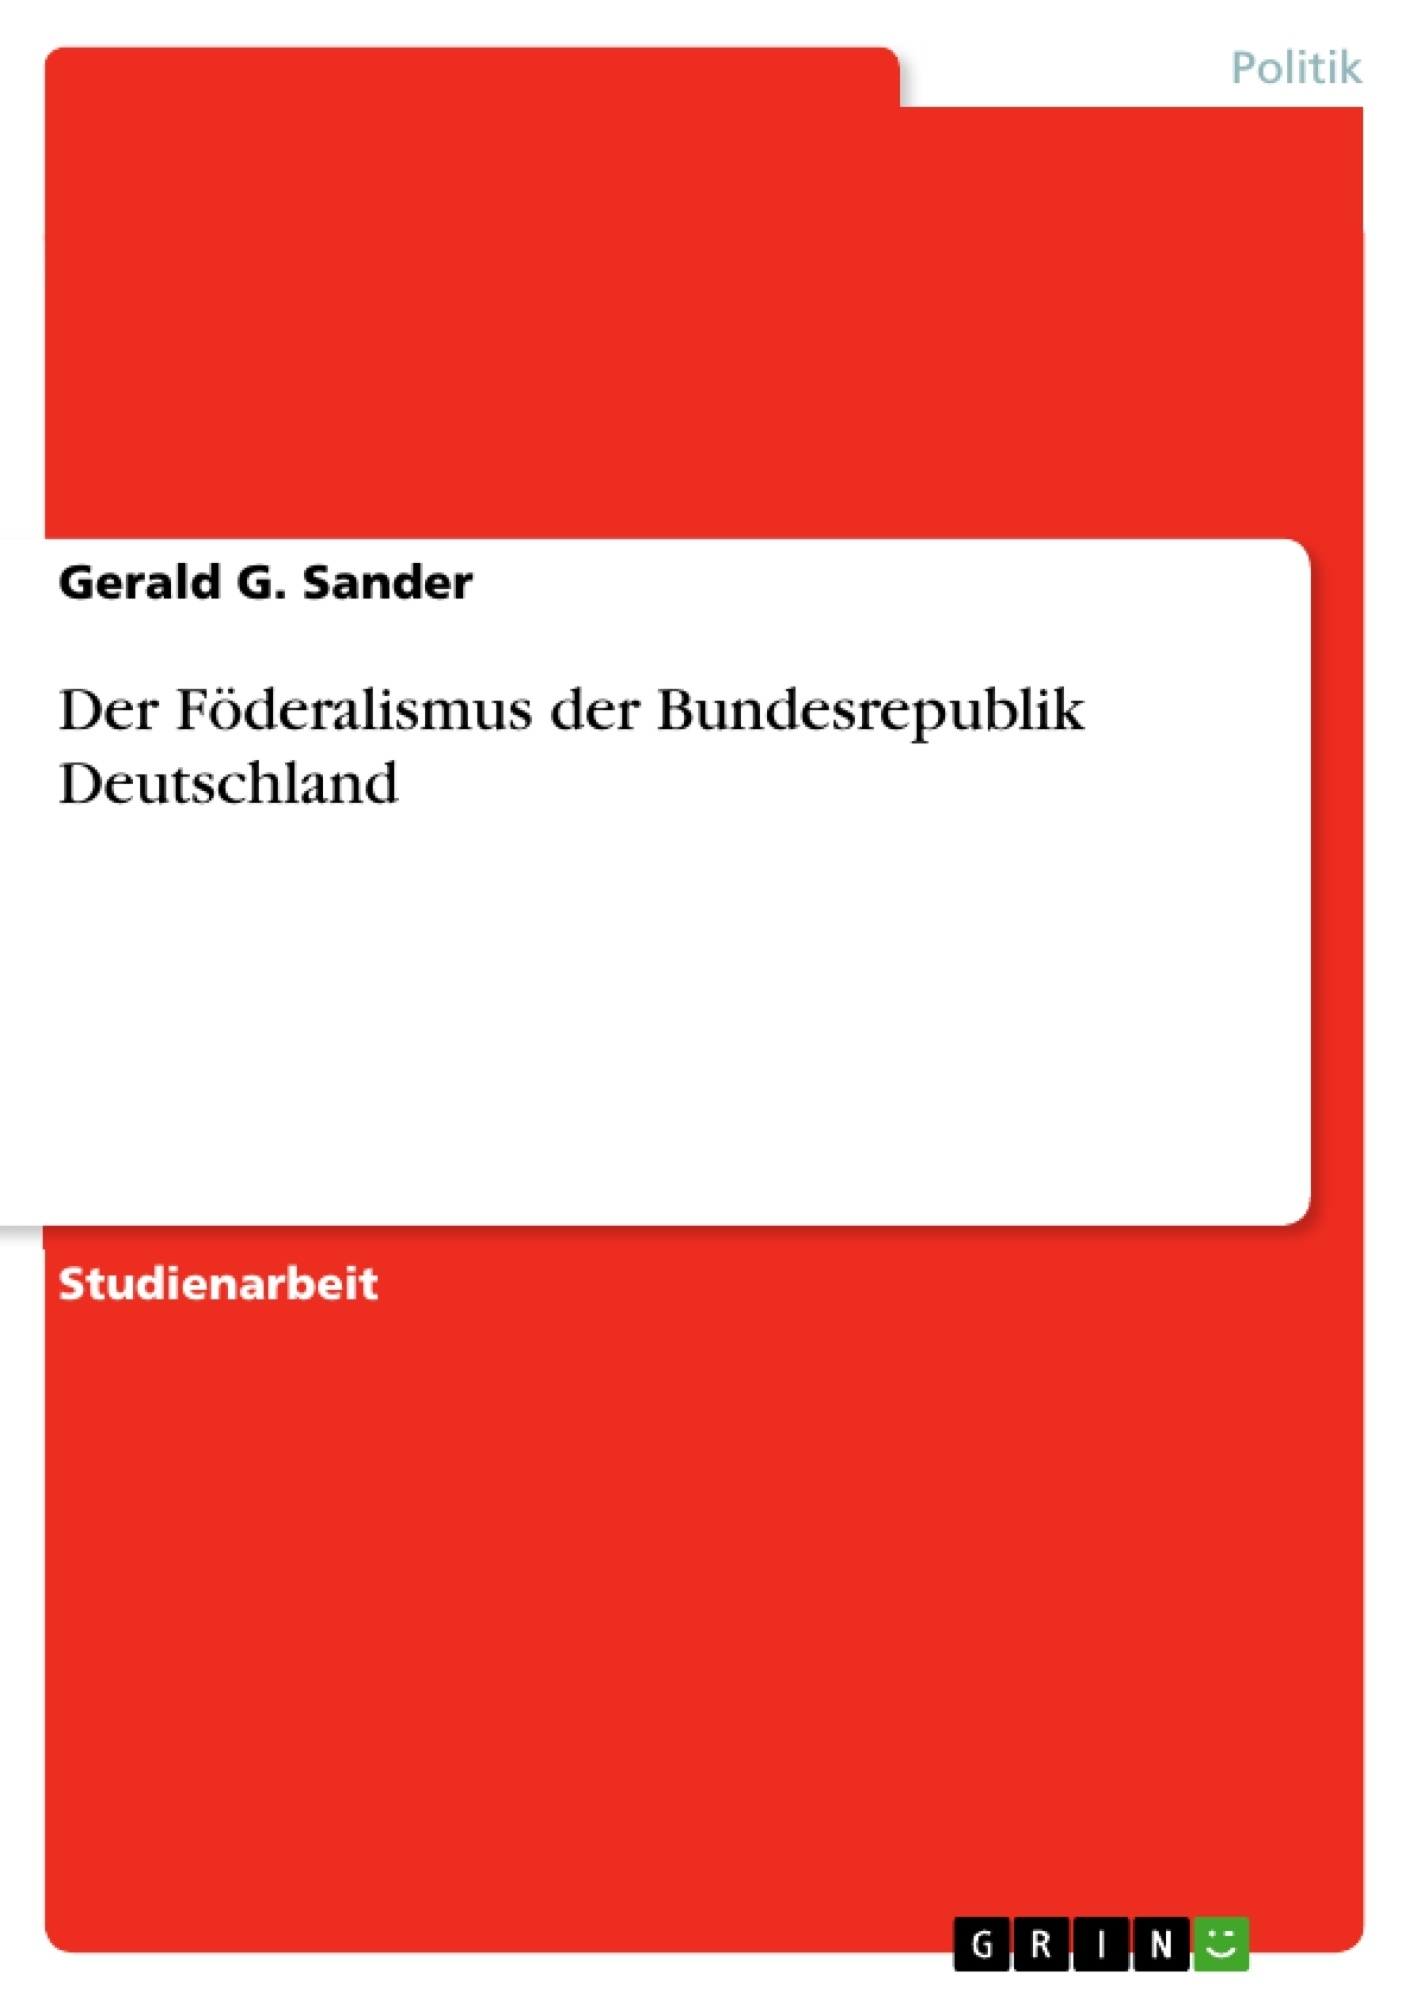 Titel: Der Föderalismus der Bundesrepublik Deutschland